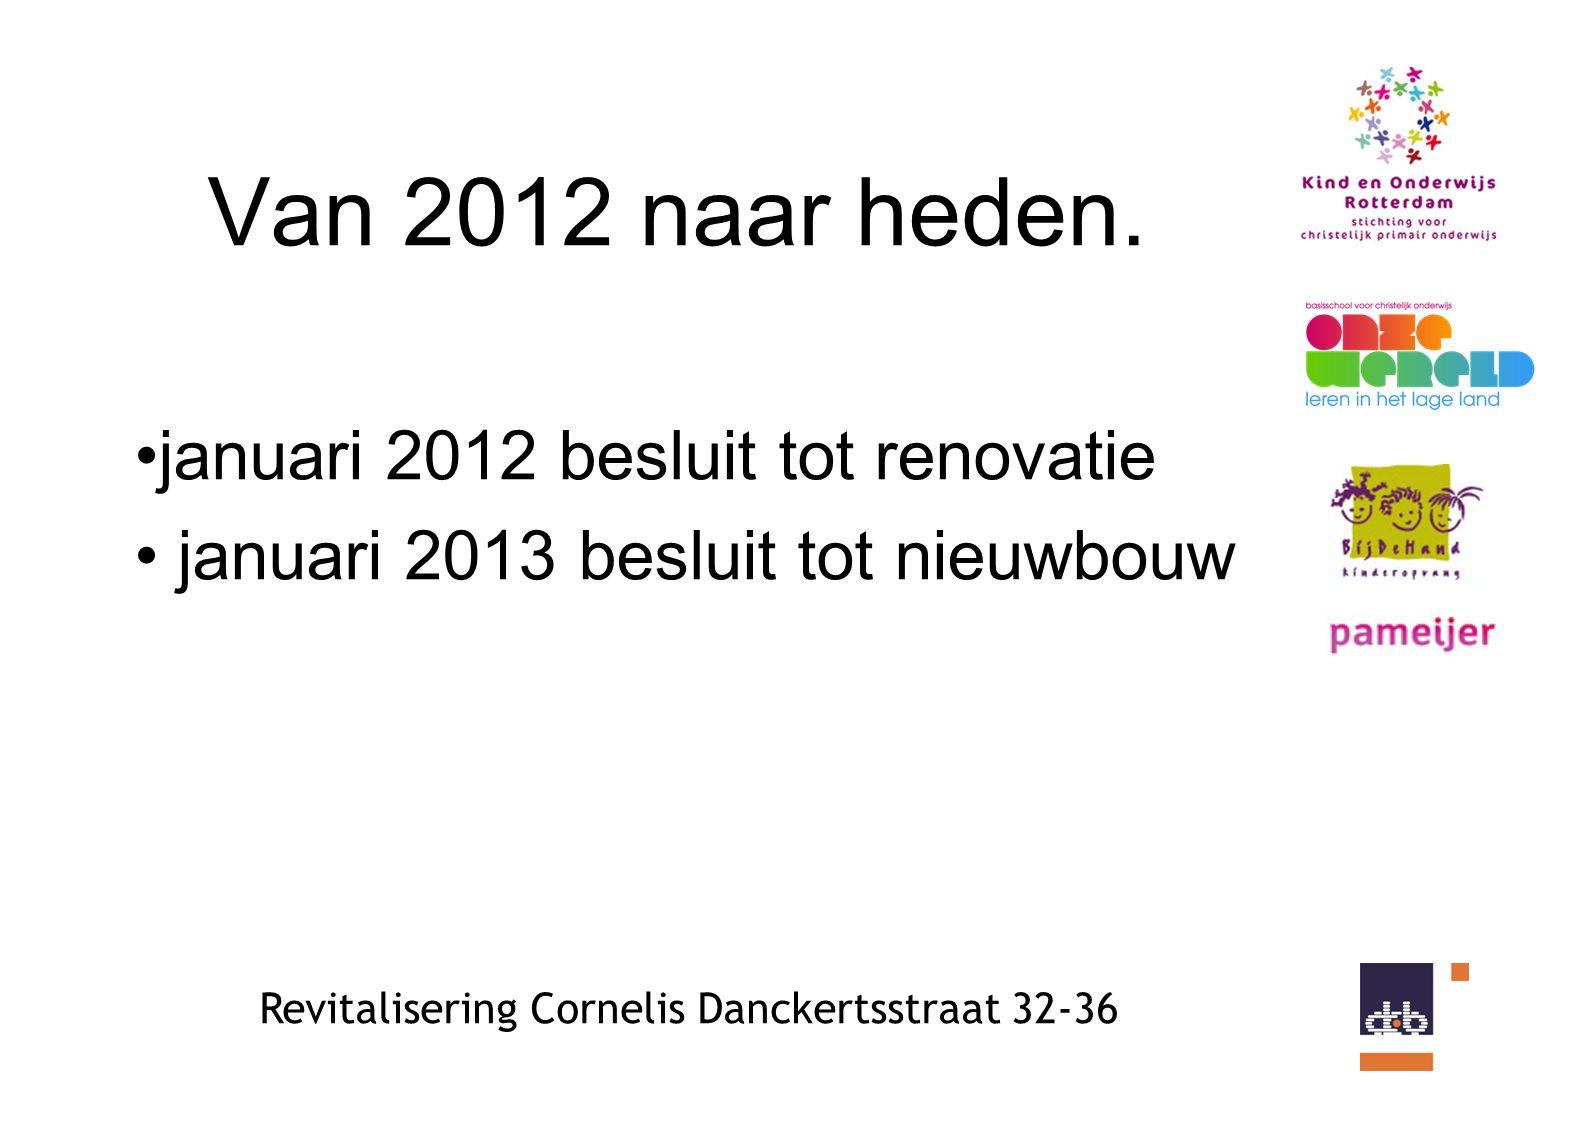 Revitalisering Cornelis Danckertsstraat 32-36 Van 2012 naar heden.